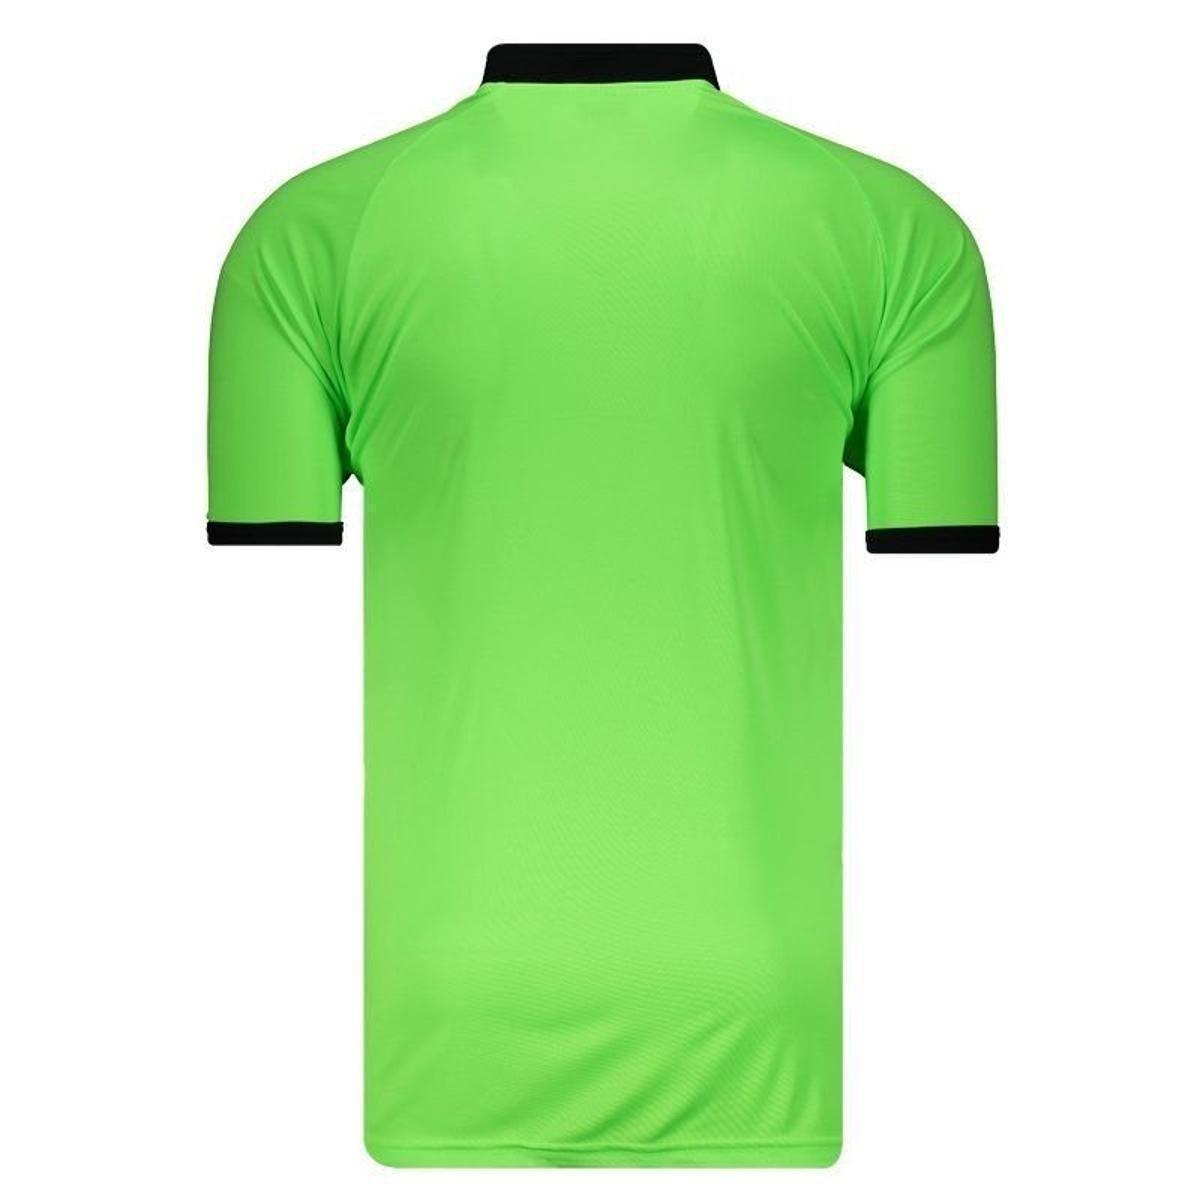 37473b6c78 Camisa Poker Arbitro V Masculina - Verde - Compre Agora